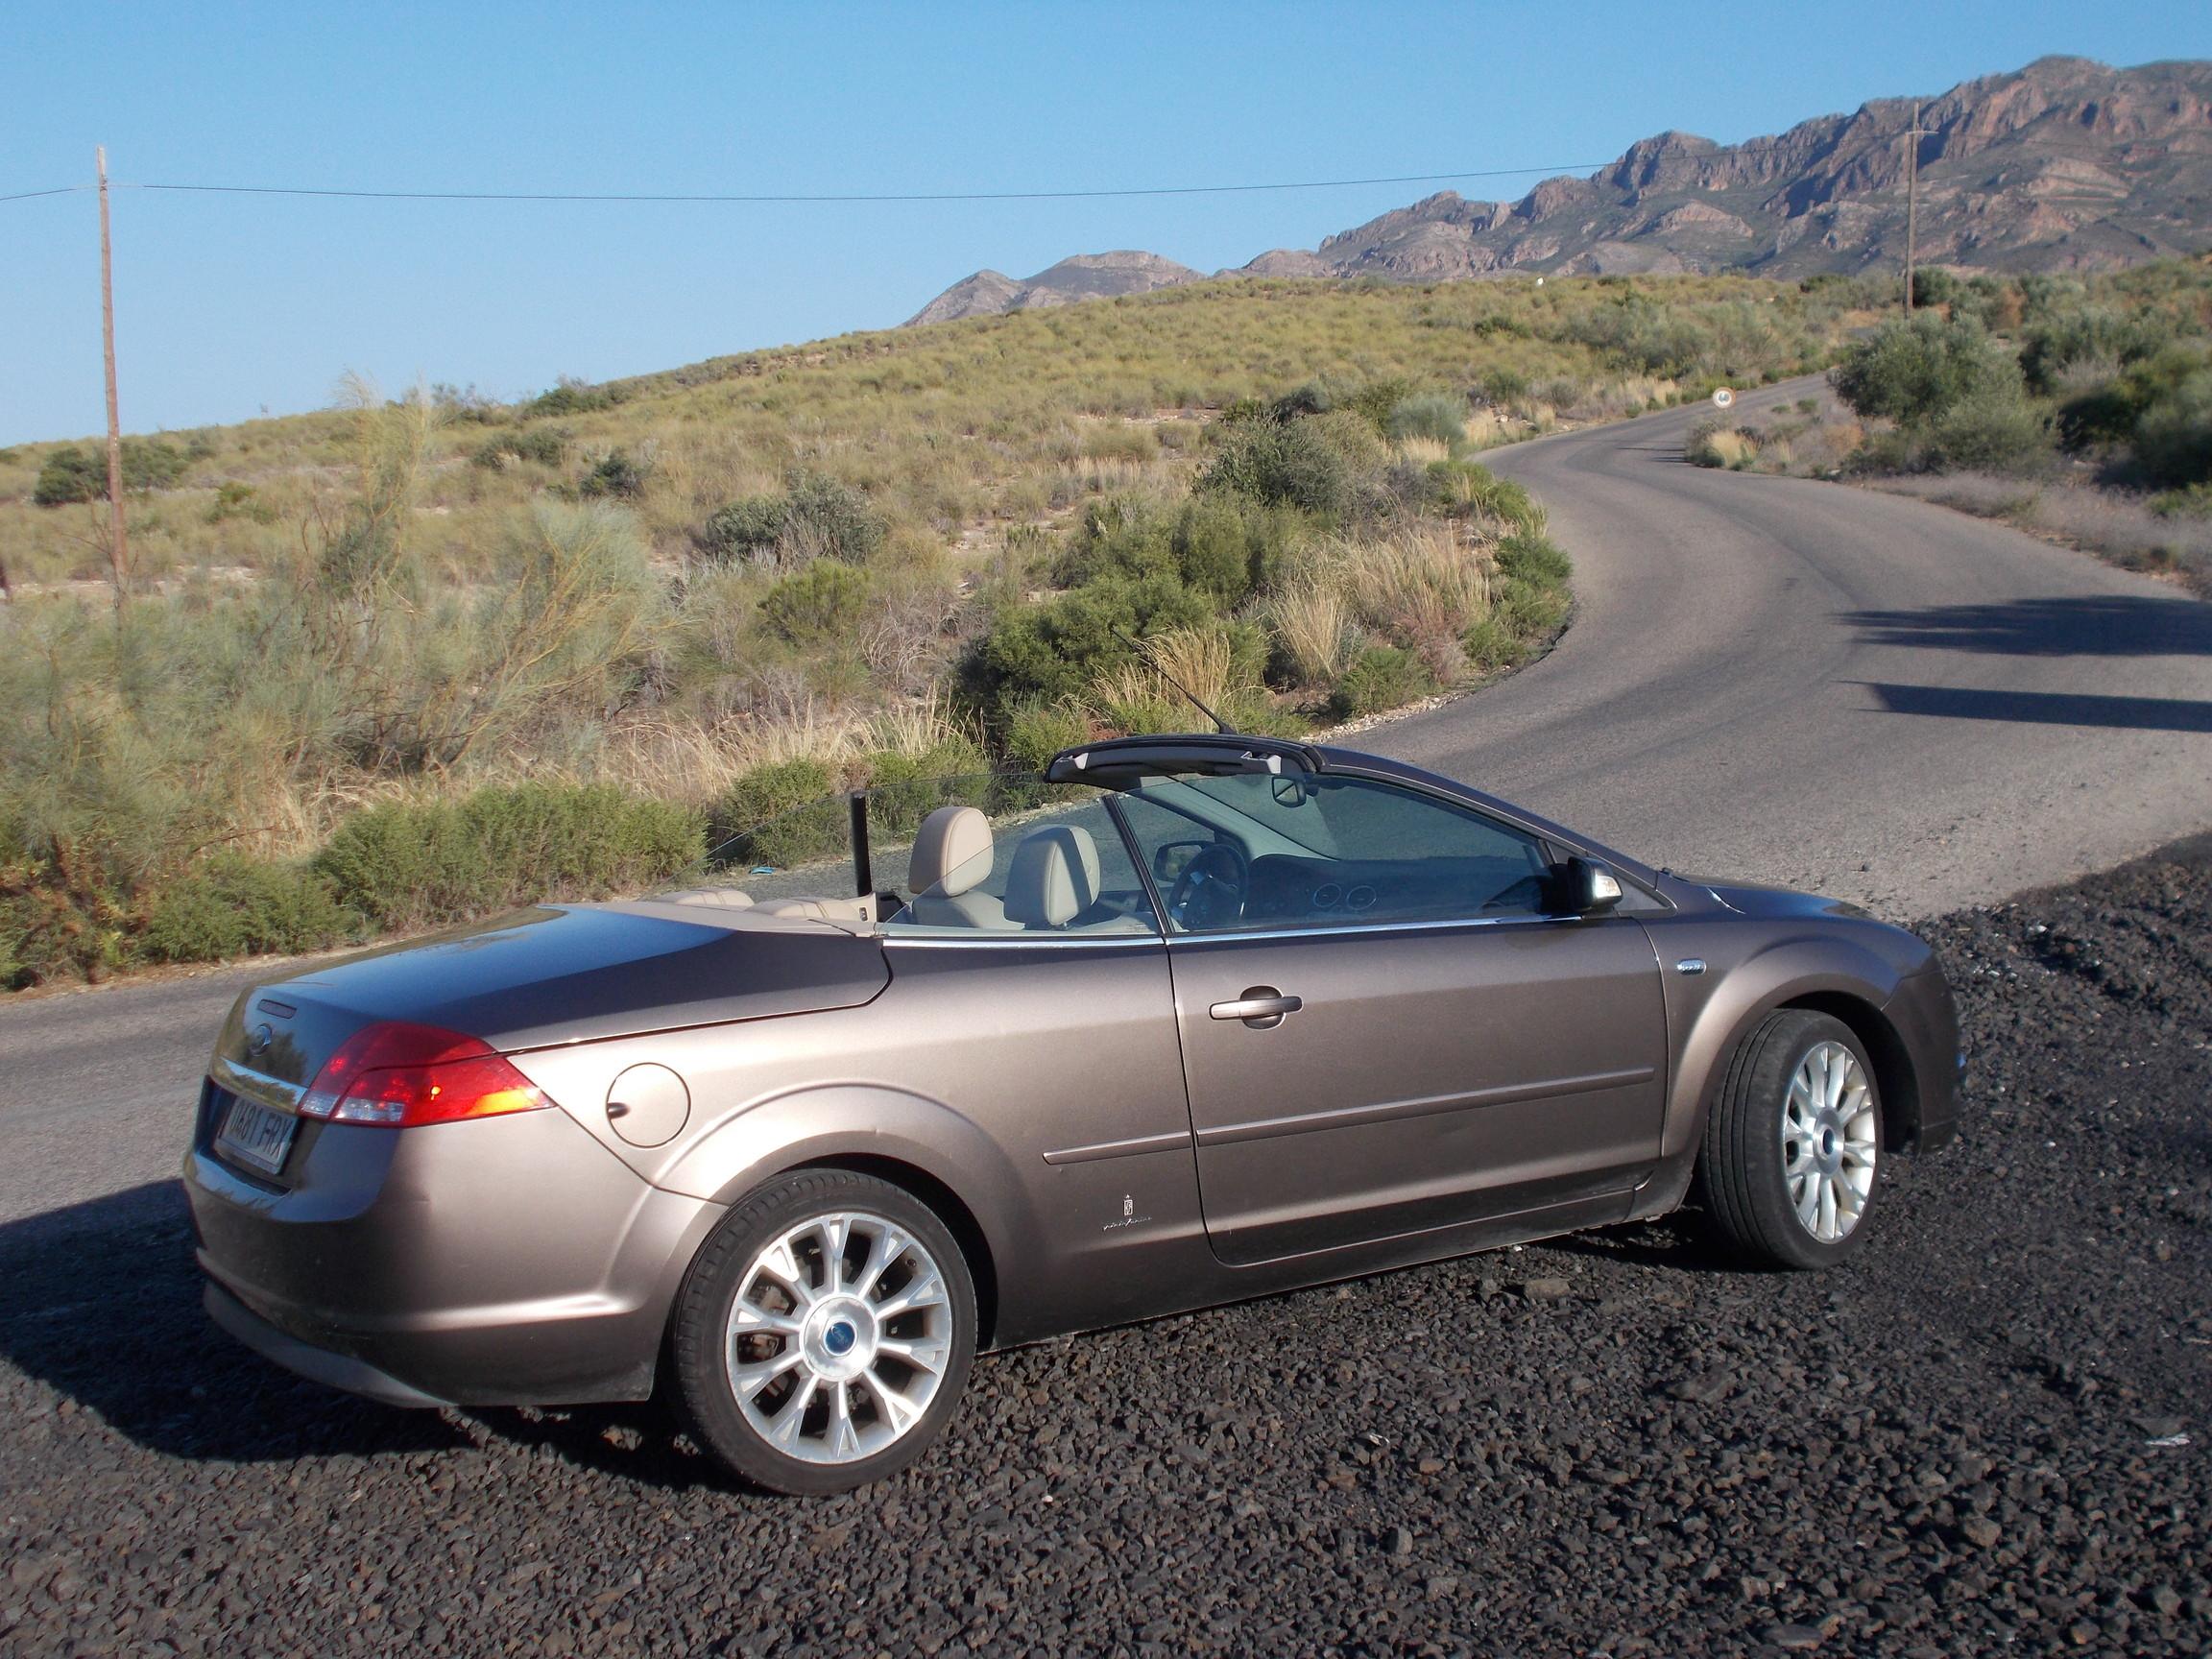 for sale ford focus cabriolet titanium 2 0 litre diesel. Black Bedroom Furniture Sets. Home Design Ideas